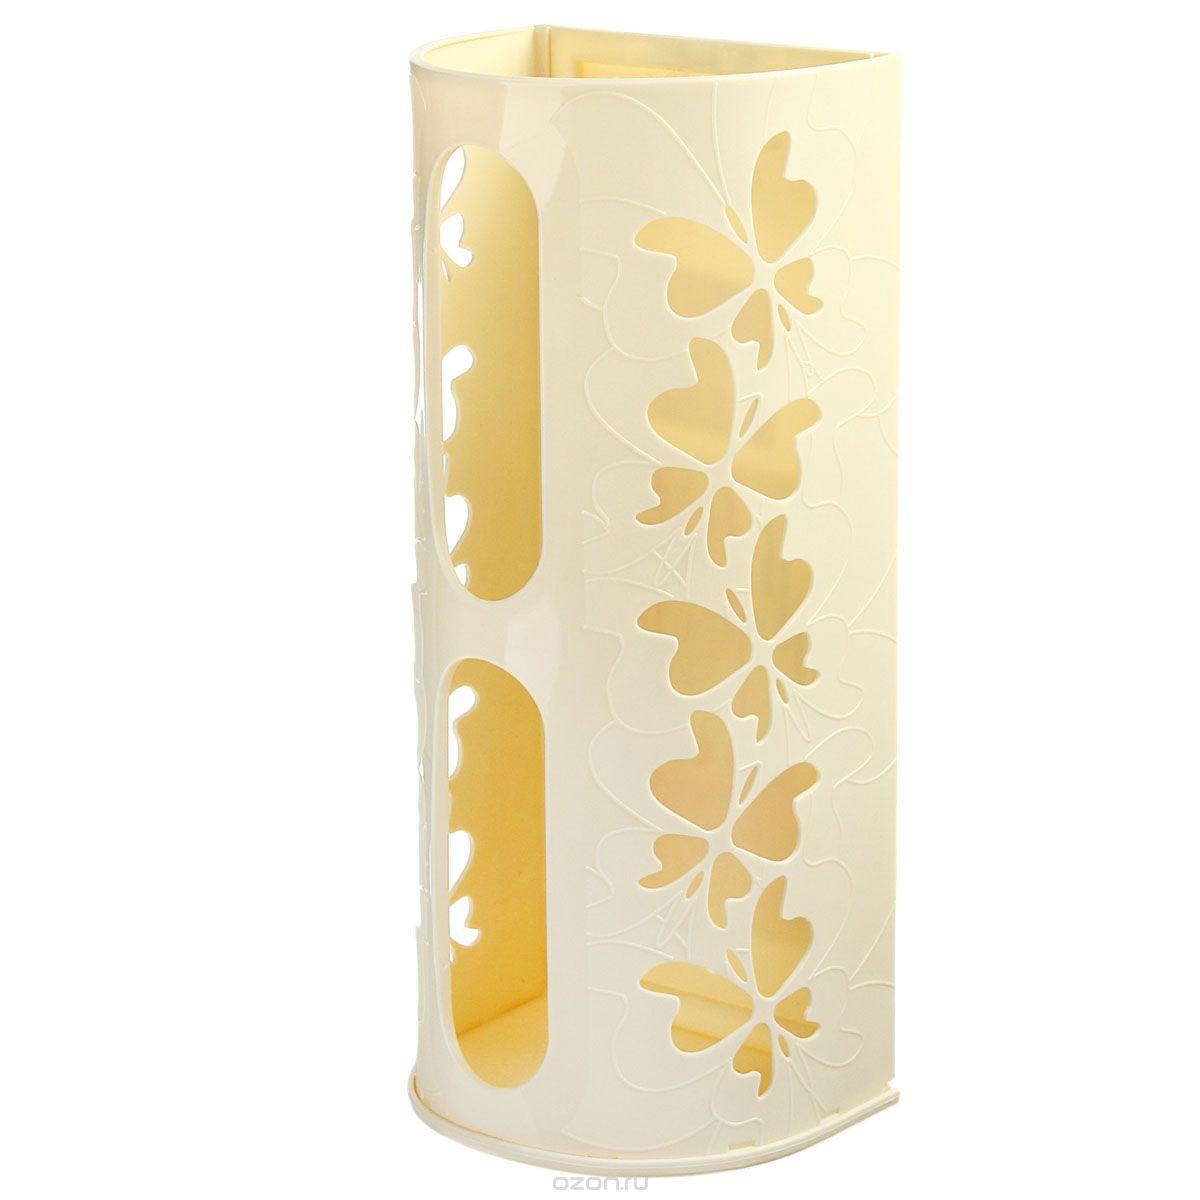 Корзина для пакетов Berossi Fly, цвет: слоновая кость, 16 х 13 х 37,5 смИК10333000Корзина Berossi Fly выполнена из пластика и предназначена для хранения пакетов. Изделие декорировано перфорацией в виде бабочек и крепится к стене при помощи трех саморезов (входят в комплект). Корзина легко собирается и разбирается. Имеет два отверстия, из которых удобно вынимать пакеты.Корзина Berossi Fly позволяет хранить пакеты в одном месте. Размер корзины (в собранном виде): 16 см х 13 см х 37,5 см.